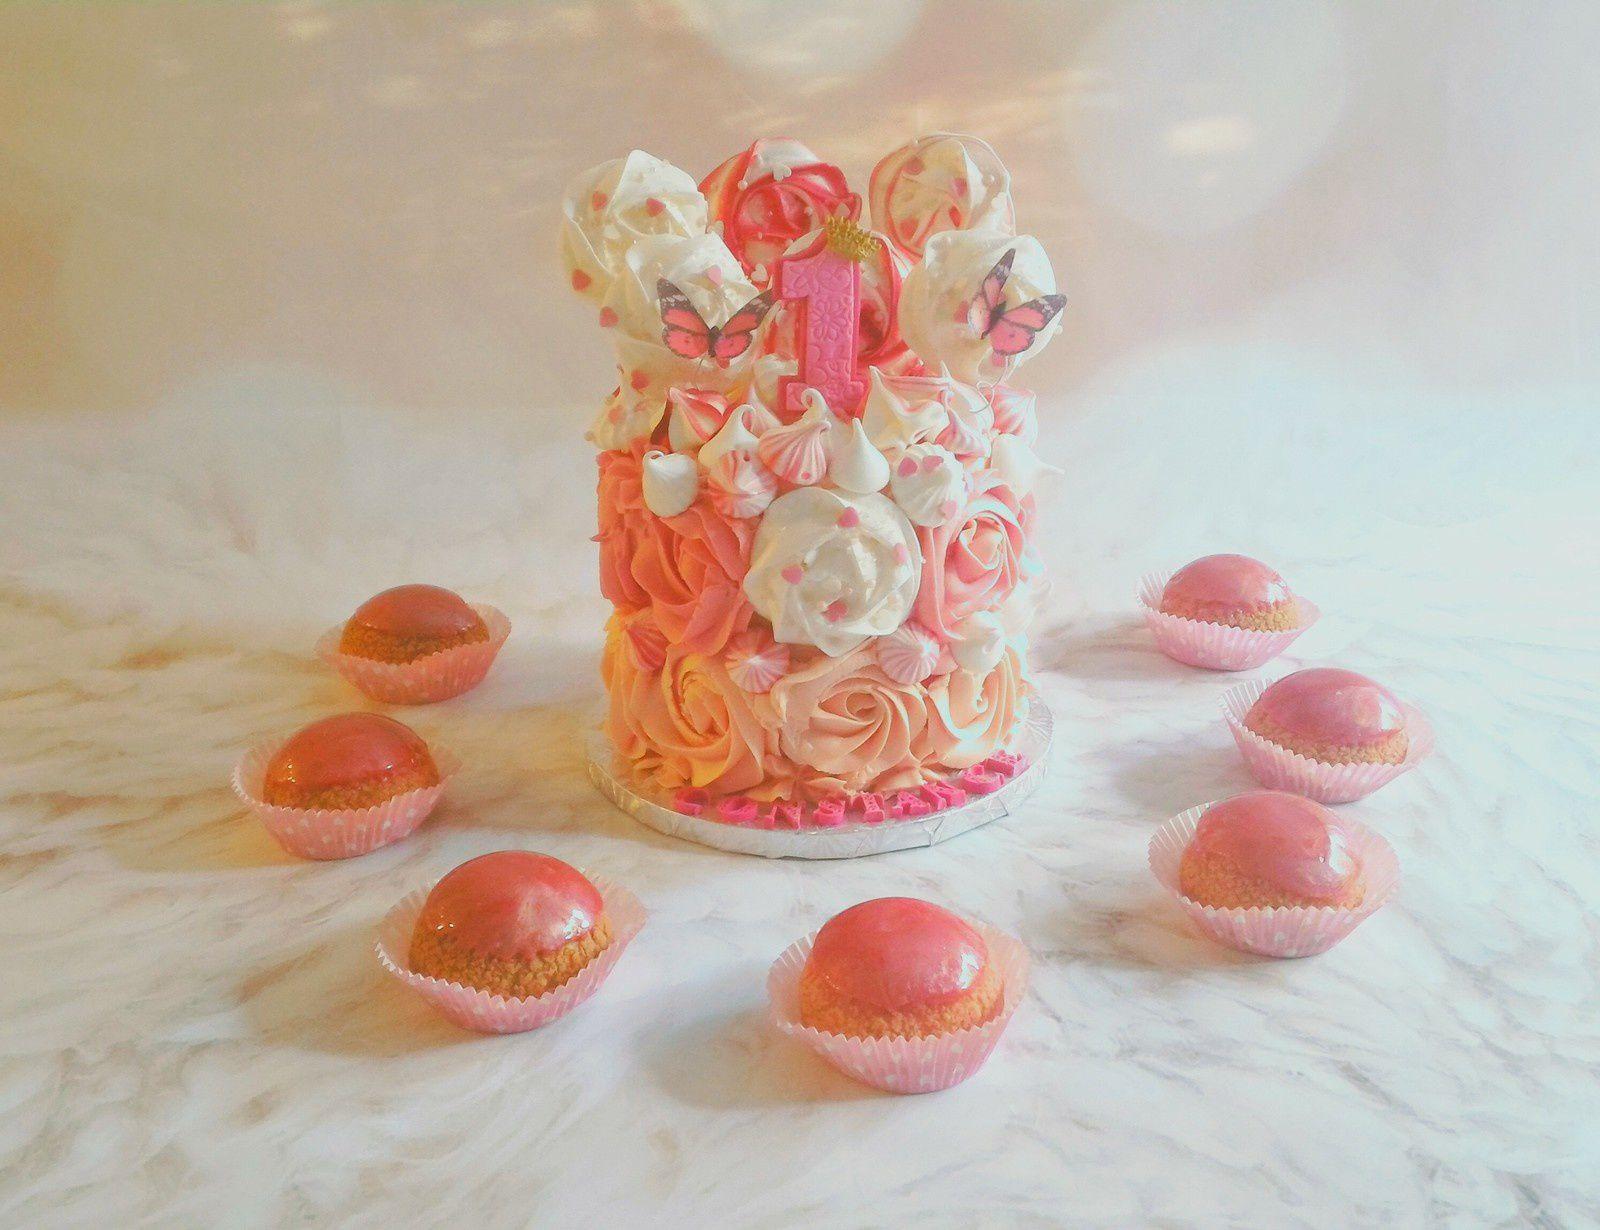 ROSE CAKE DEGRADE